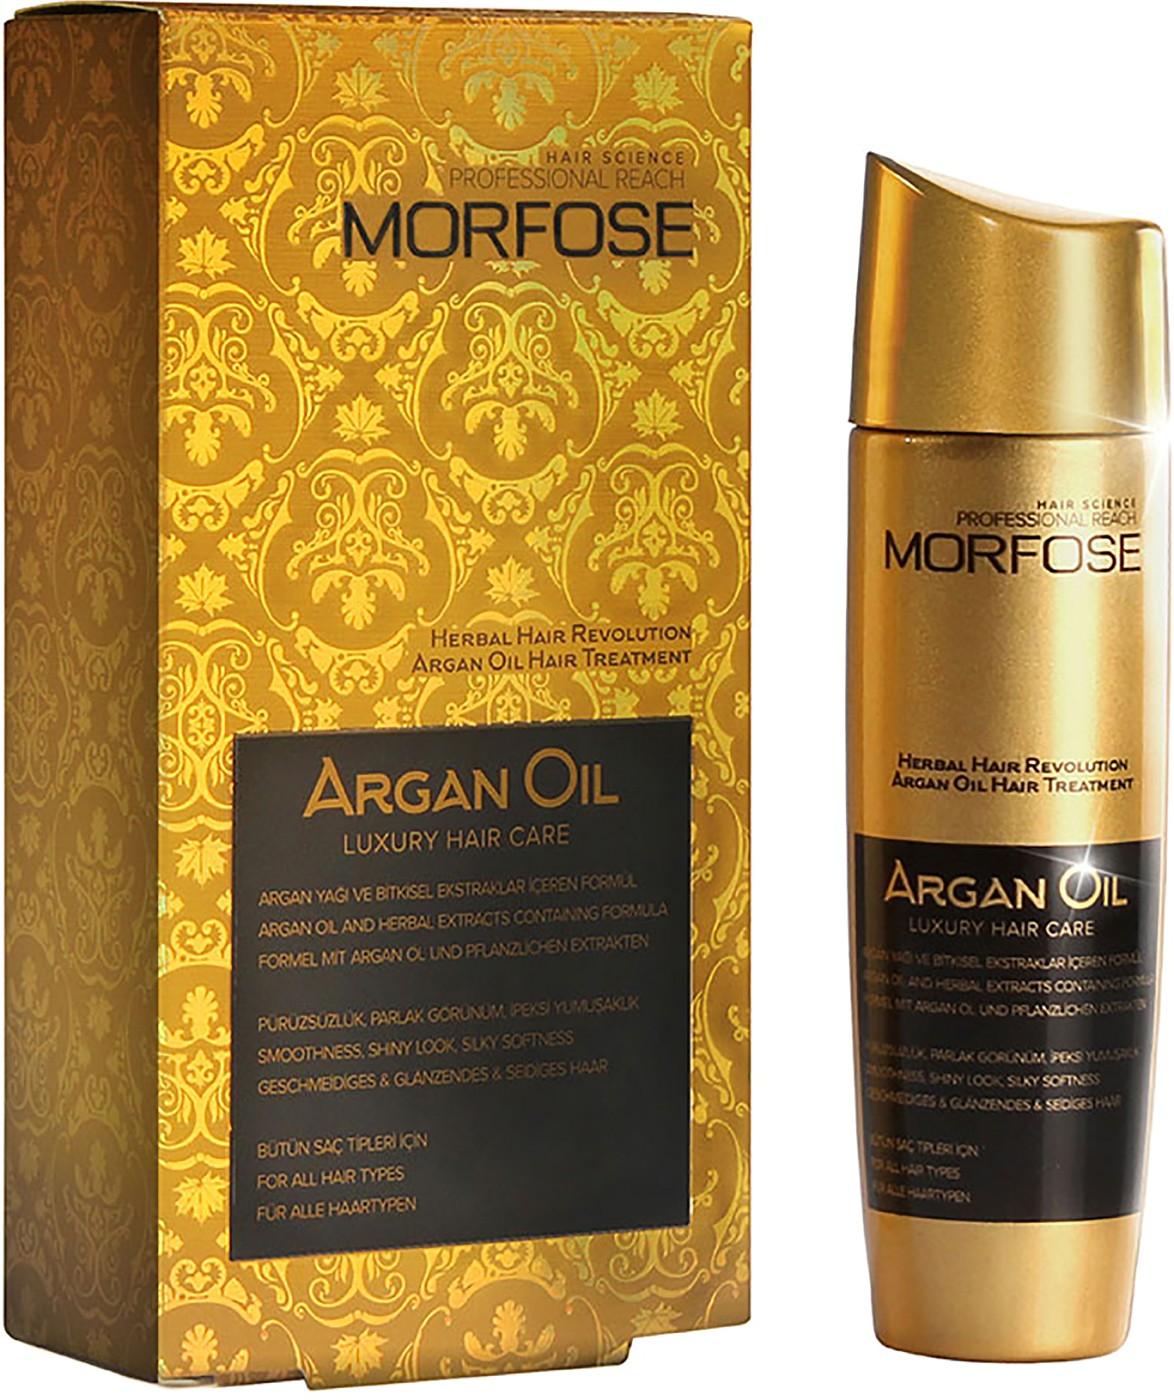 Morfose Argan-Öl Luxus Haarpflege MF-83388